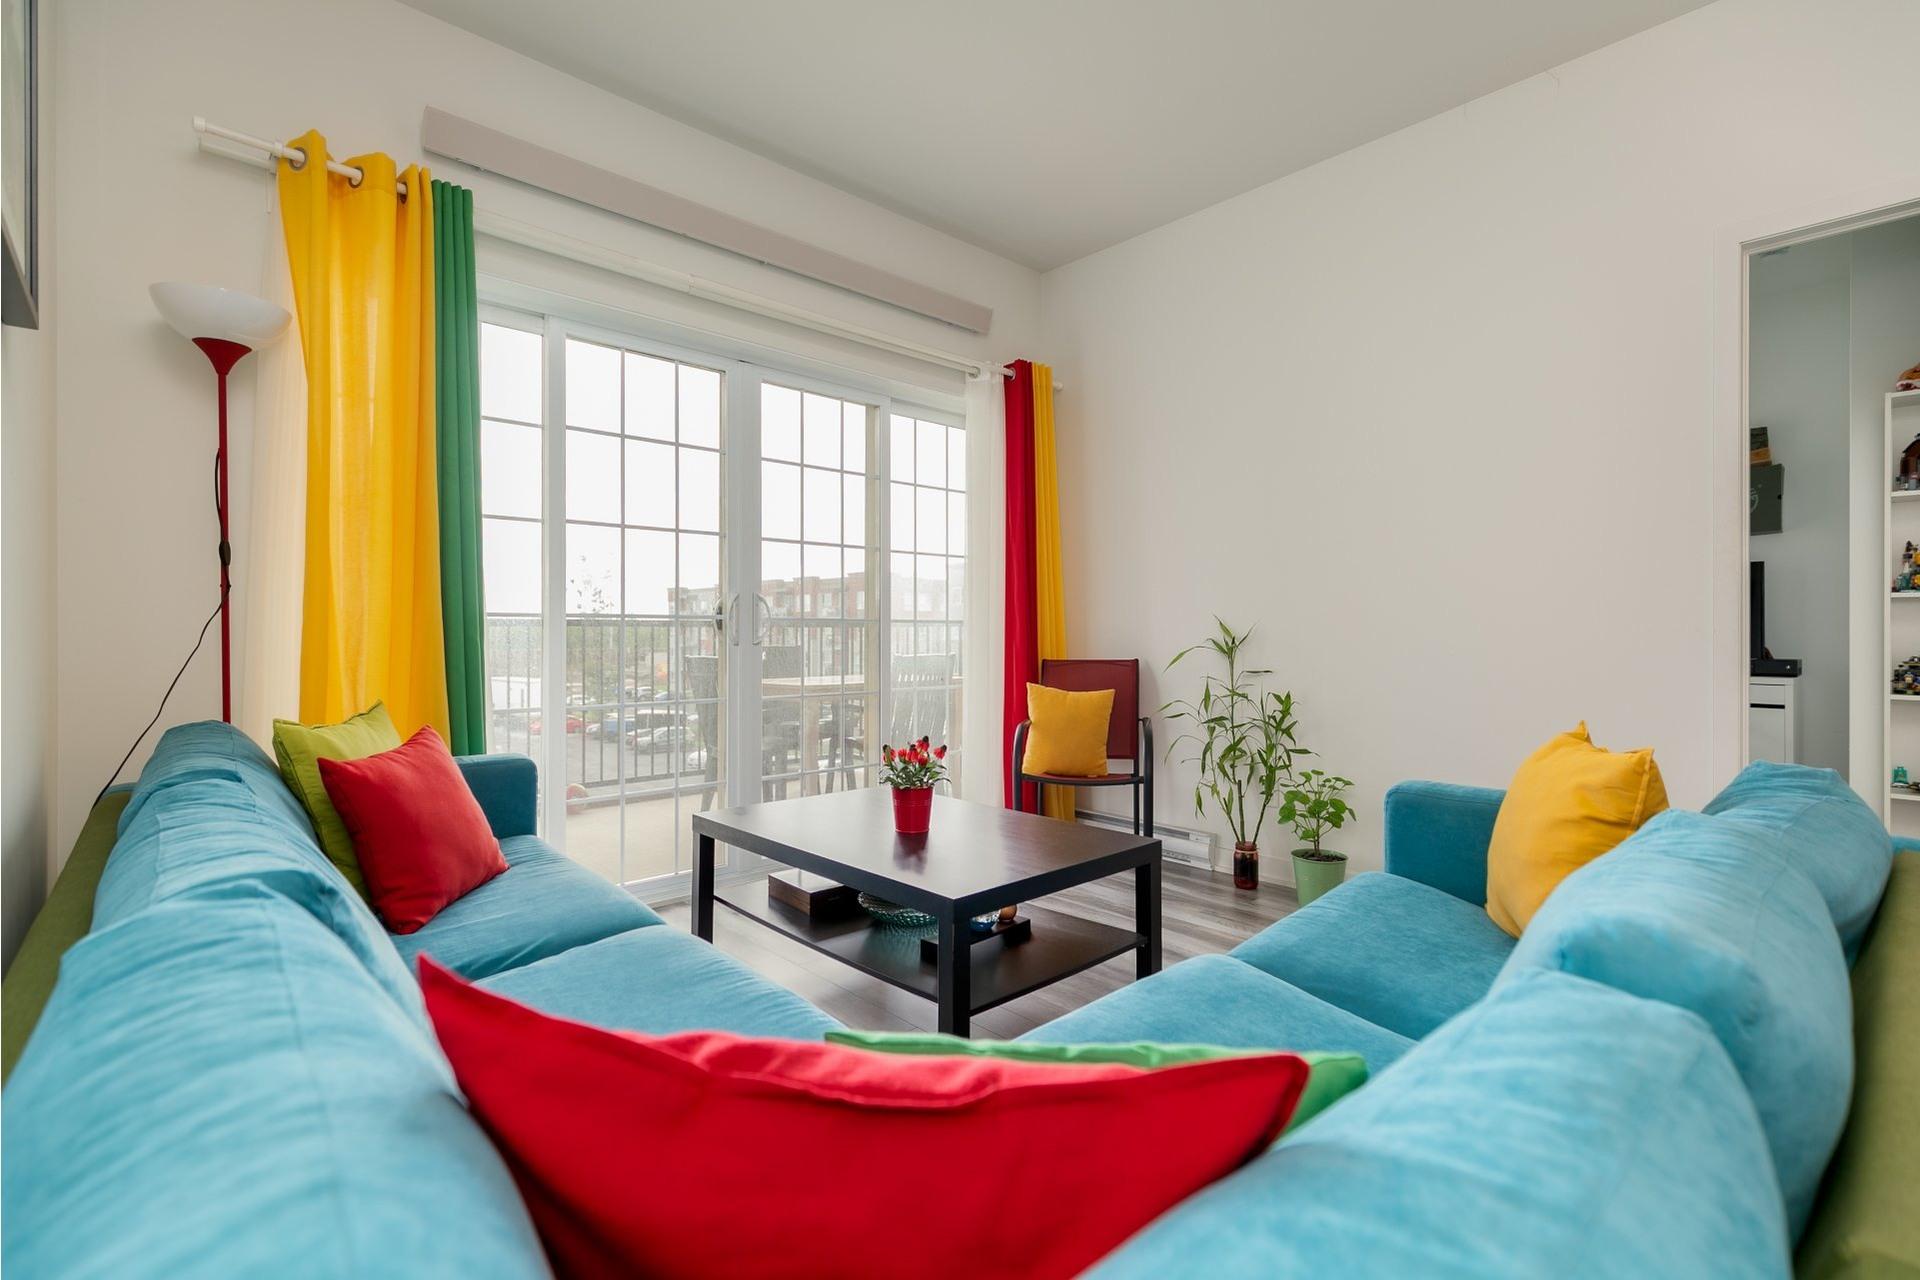 image 8 - Appartement À vendre Brossard - 10 pièces